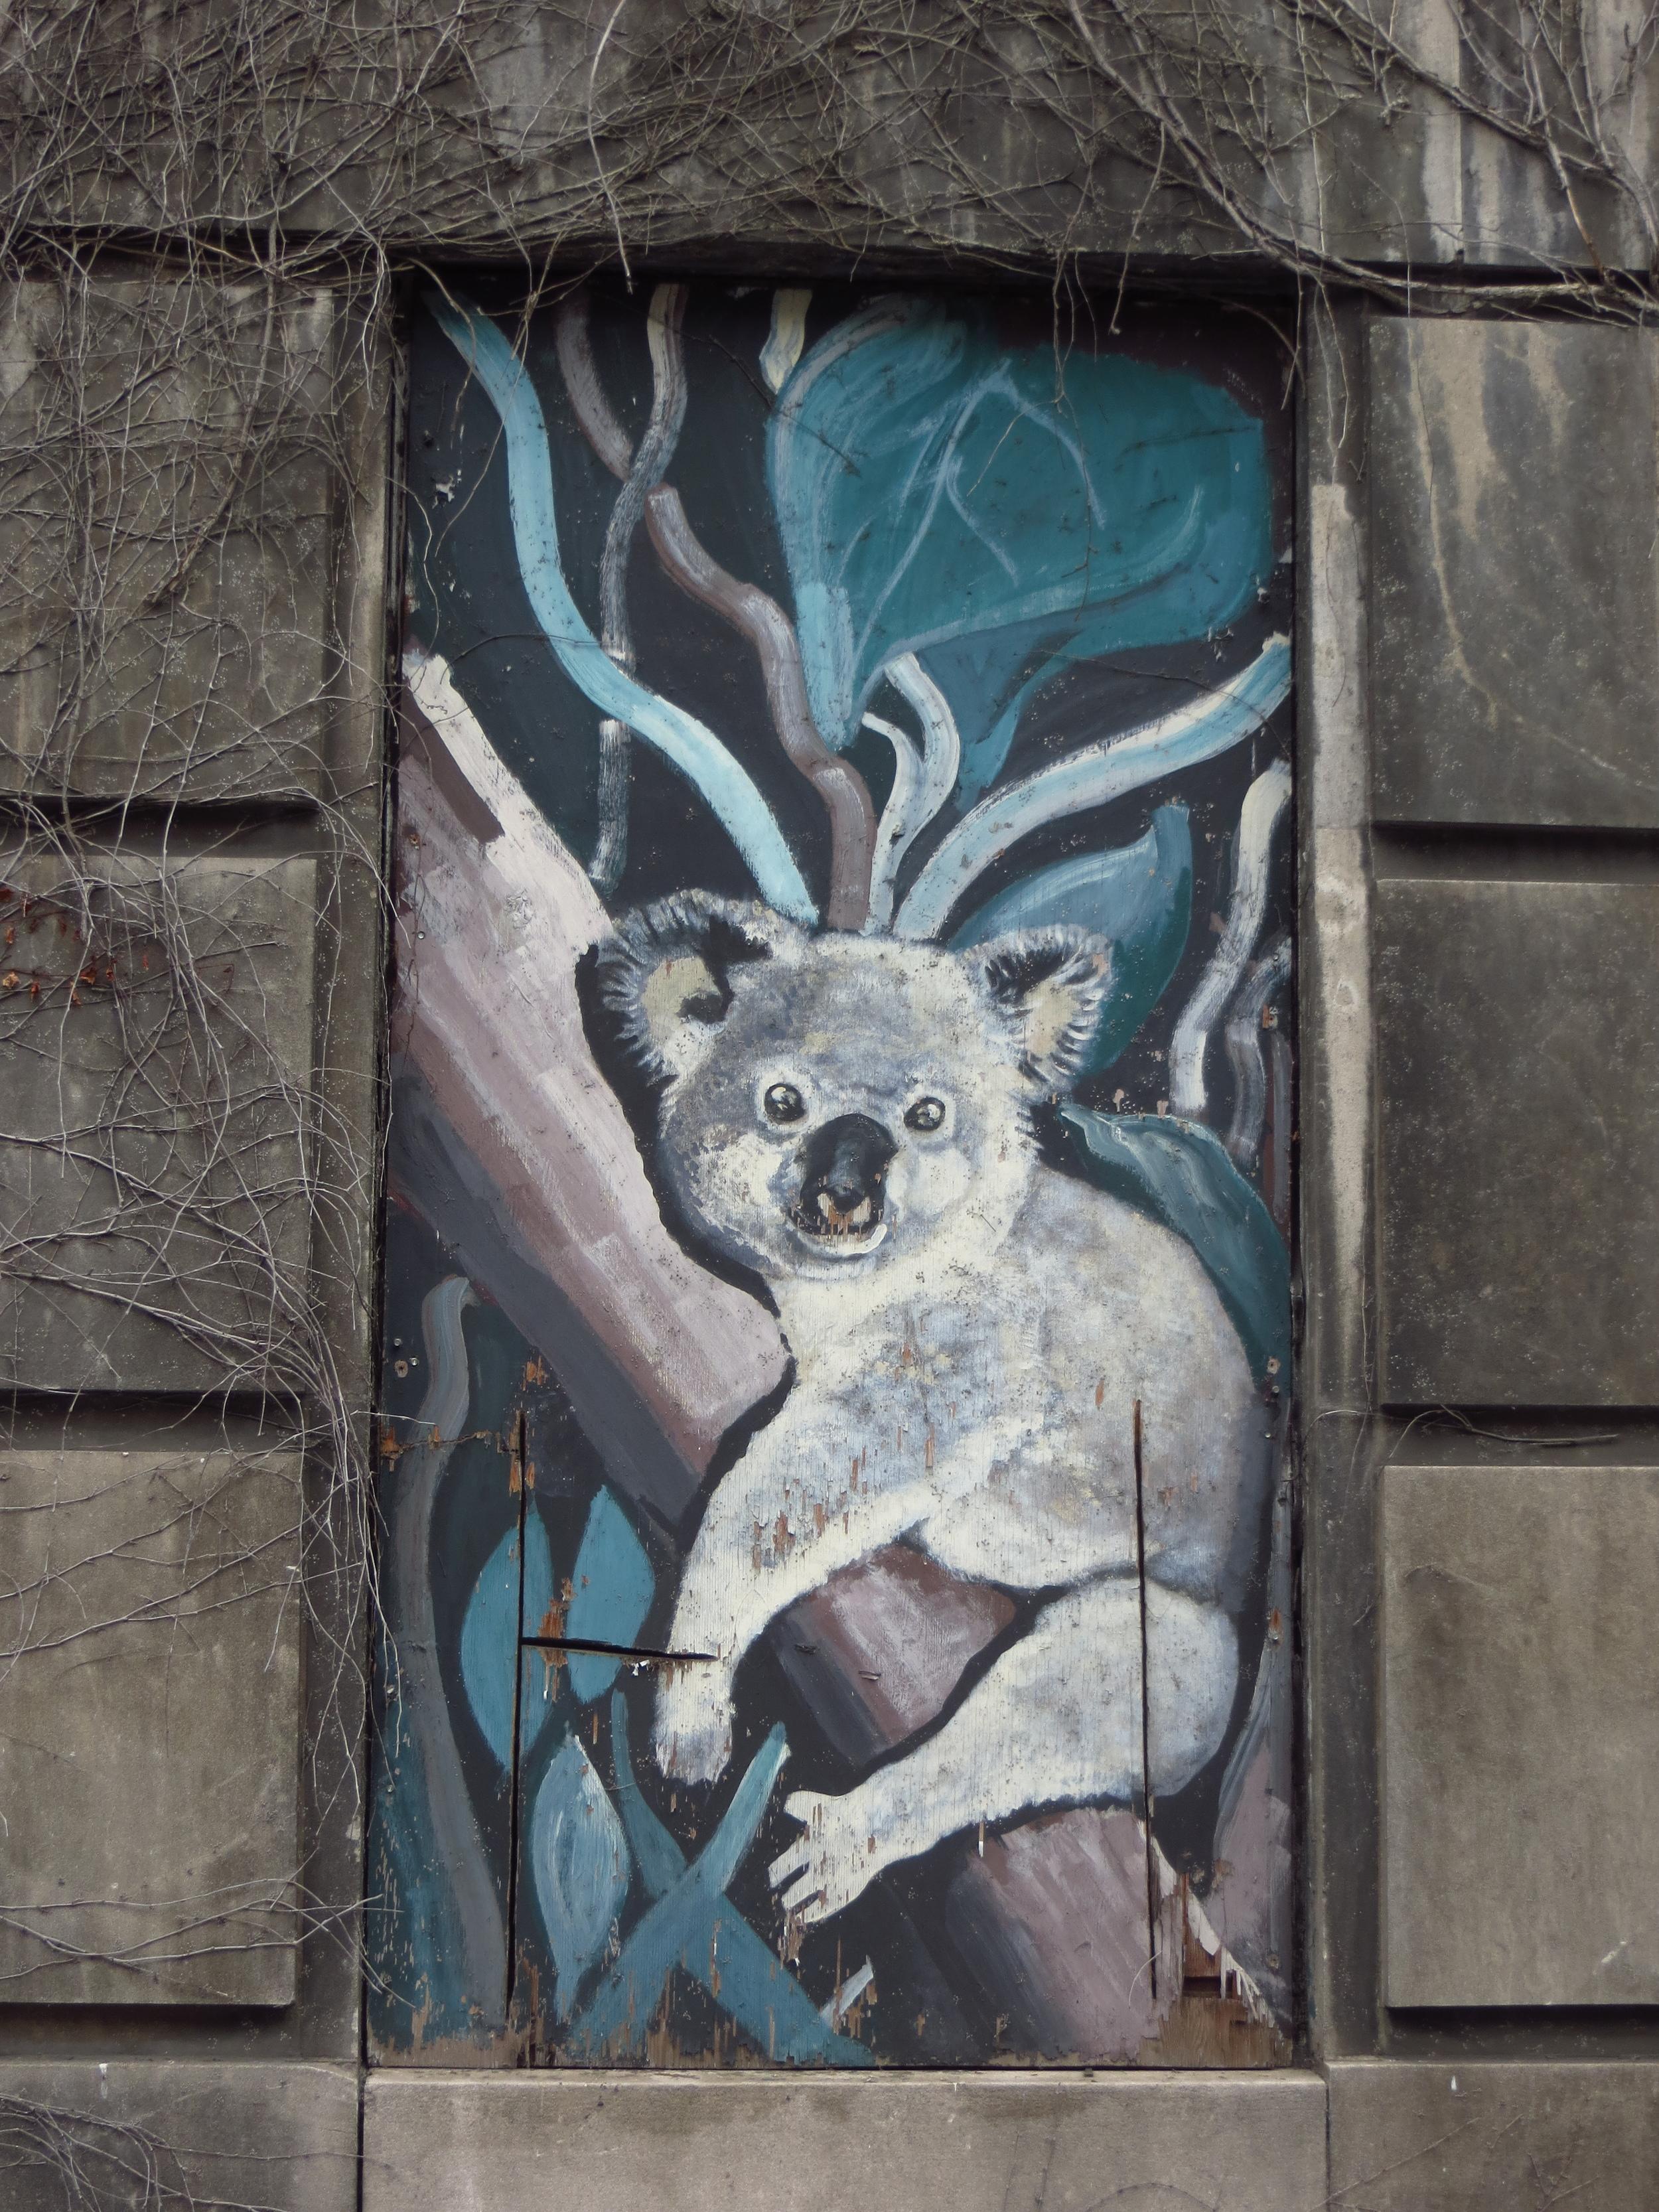 Koala on Boarded-Up Window of Former Psychiatric Hospital